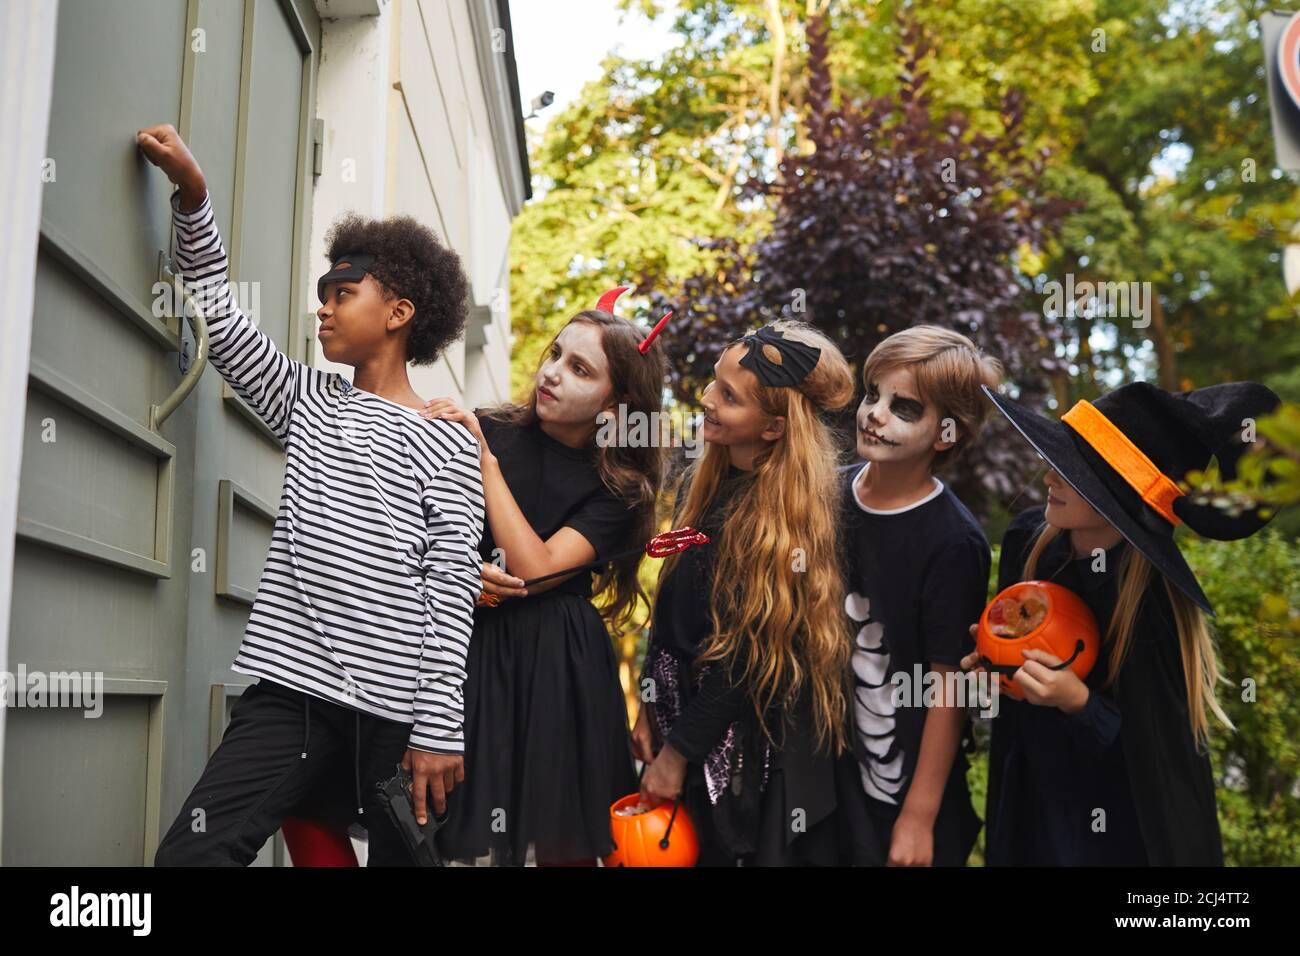 Vista lateral de un grupo multiétnico de niños que visten trajes de Halloween llamando al timbre de la puerta mientras tratan o tratan juntos, copiar espacio Foto de stock